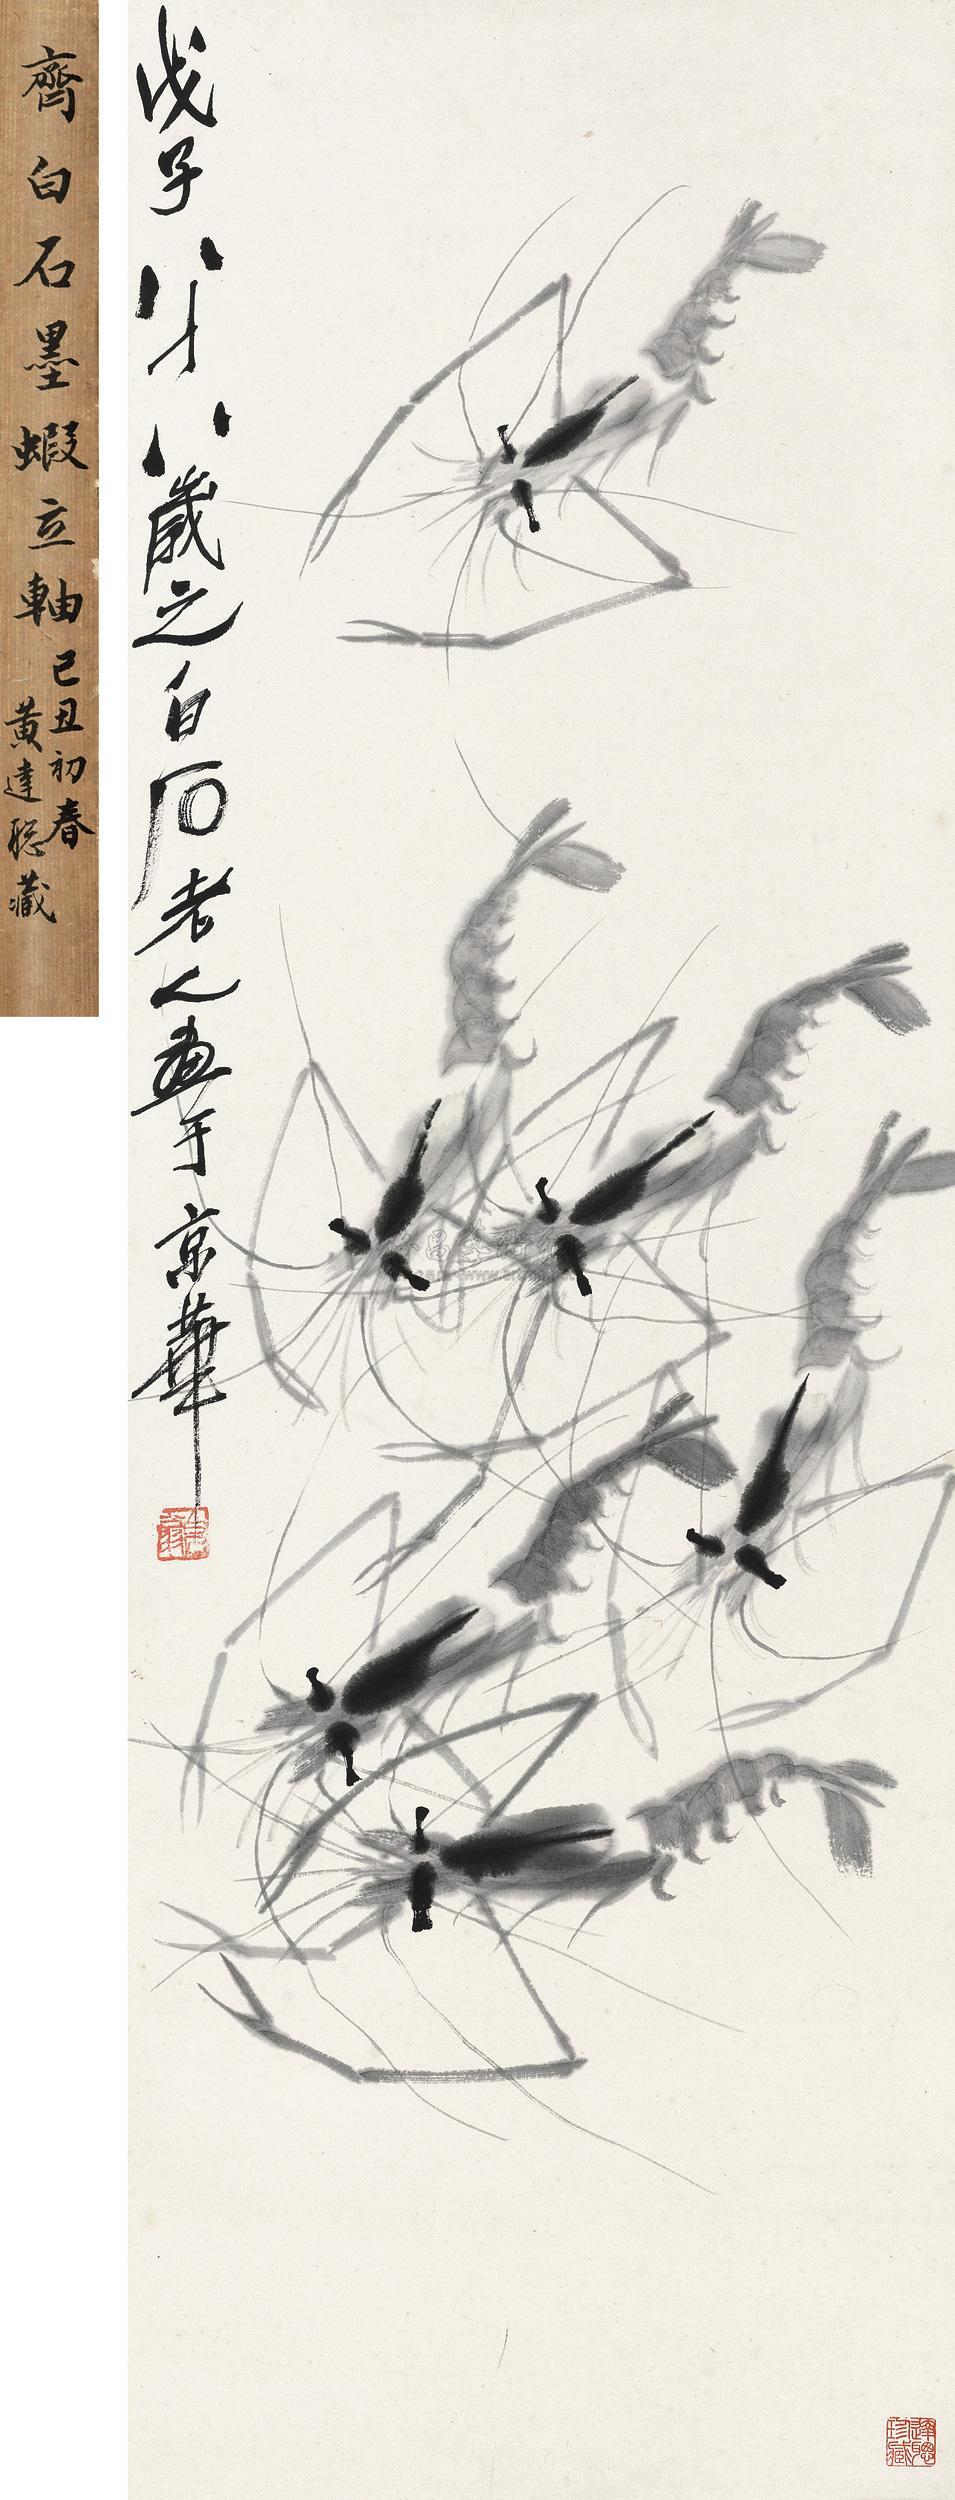 墨虾-中国书画(二)——近现代暨古代书画-荣宝斋图片